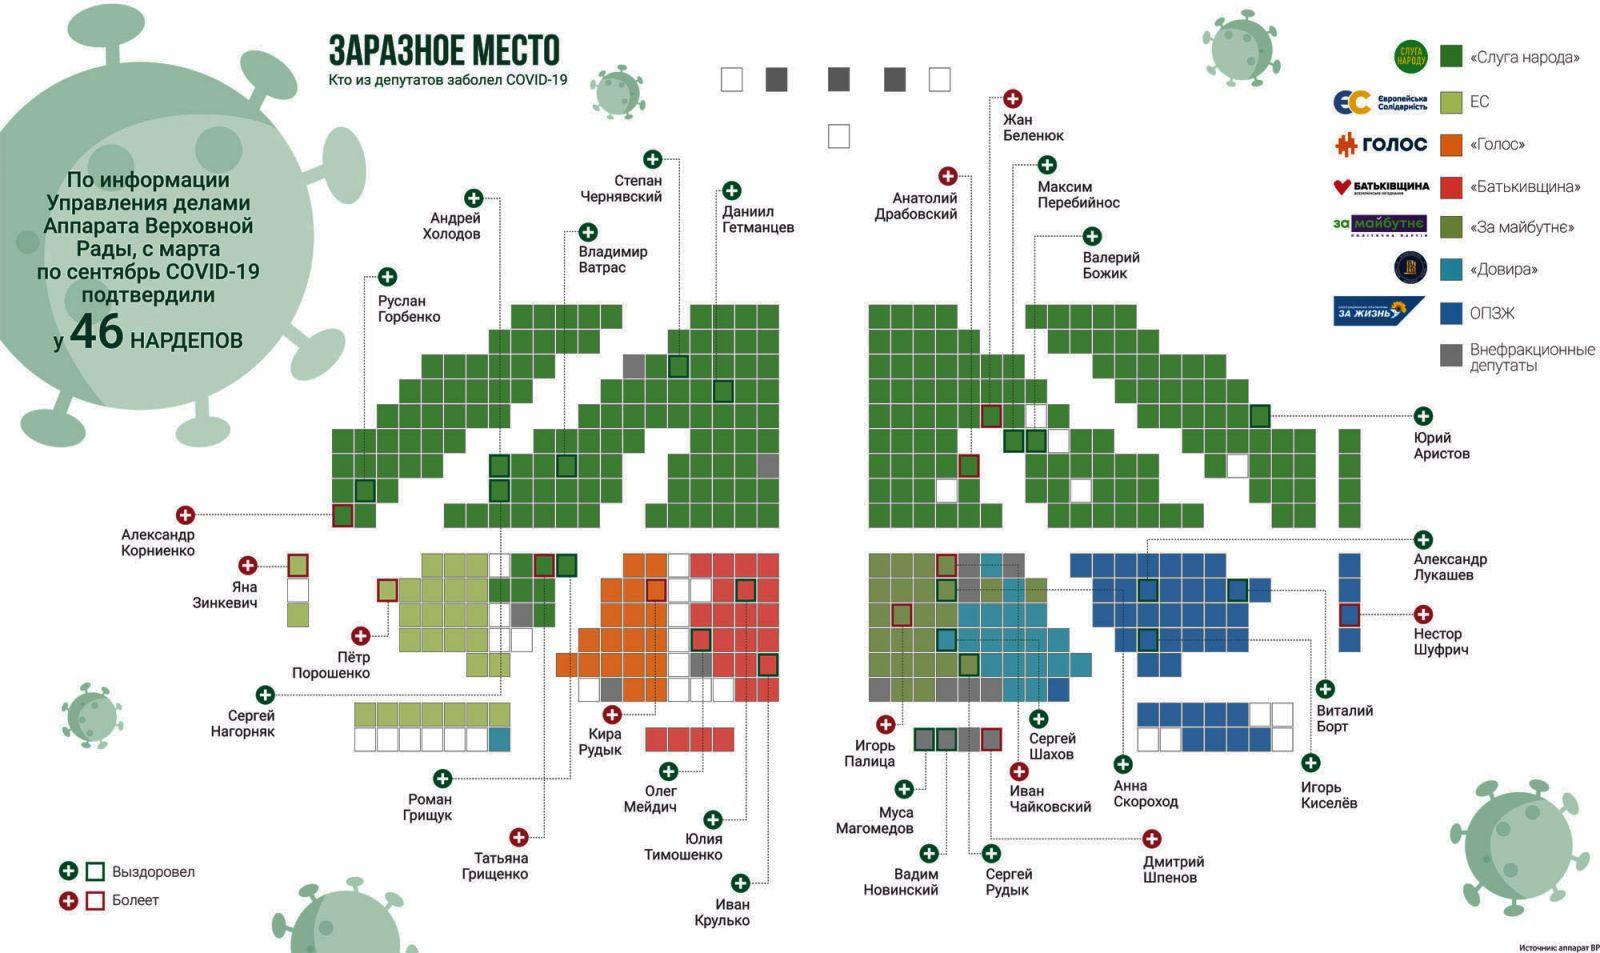 фото, инфографика заболевшие депутаты COVID-19